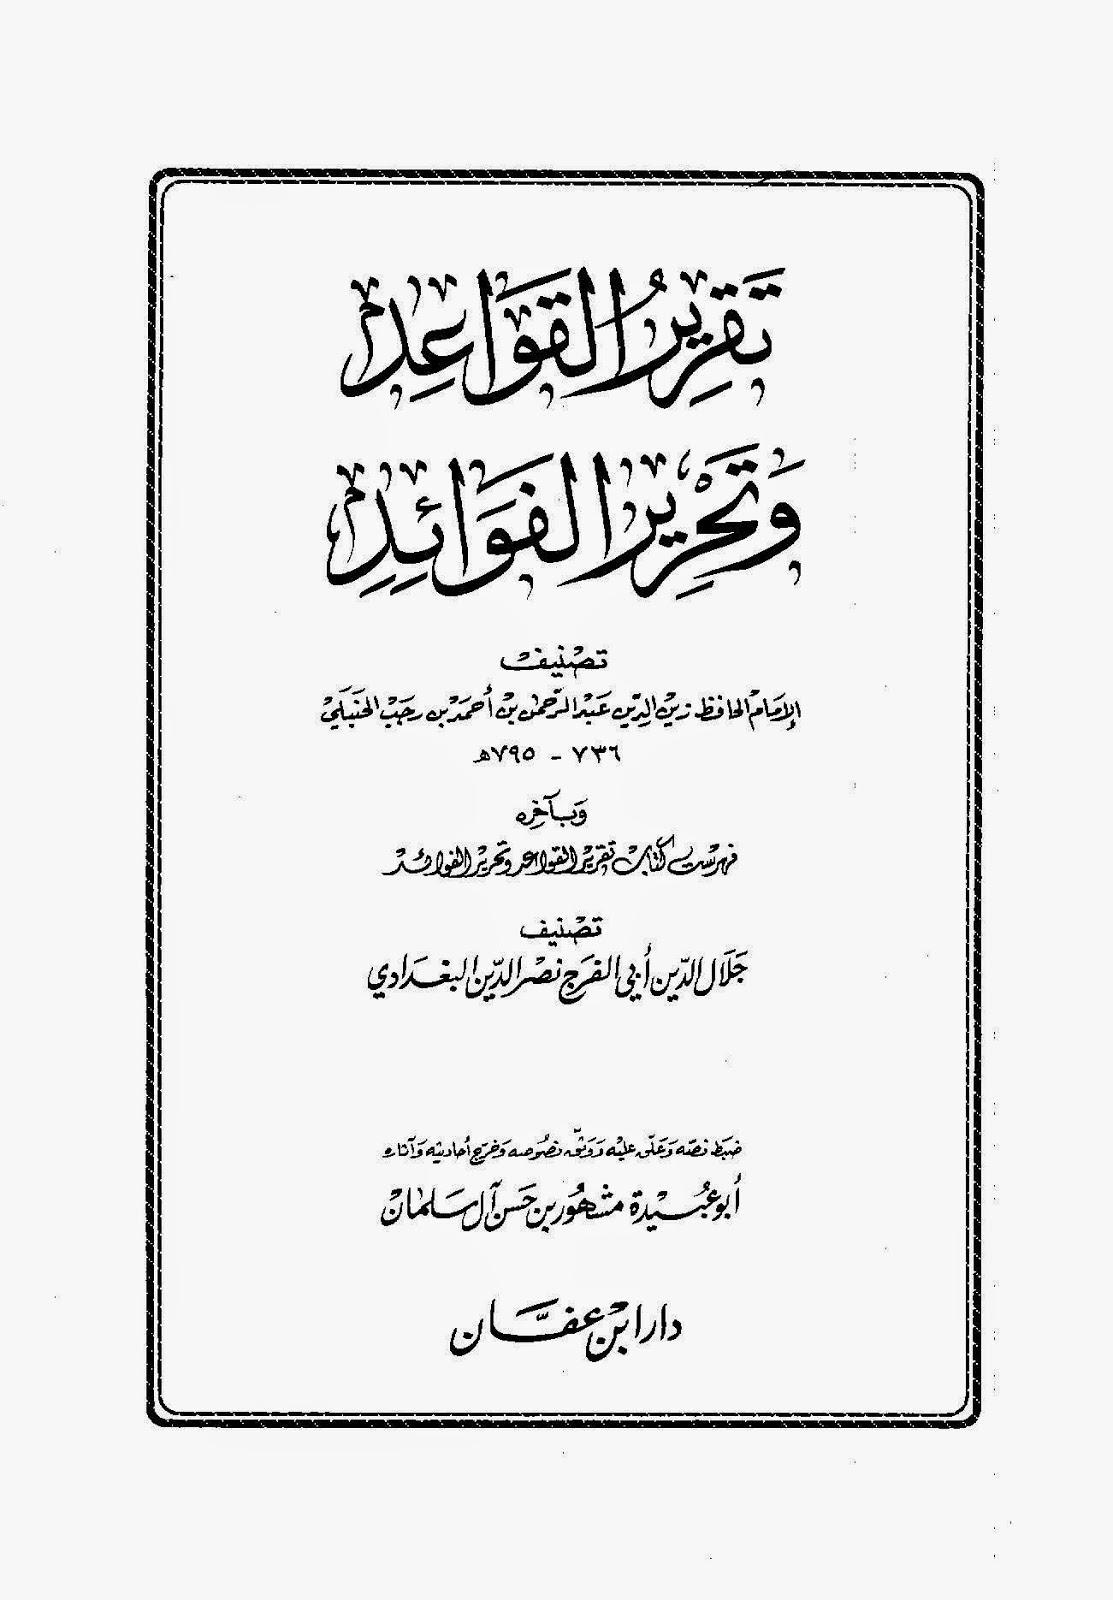 تقرير القواعد وتحرير الفوائد لـ ابن رجب الحنبلي